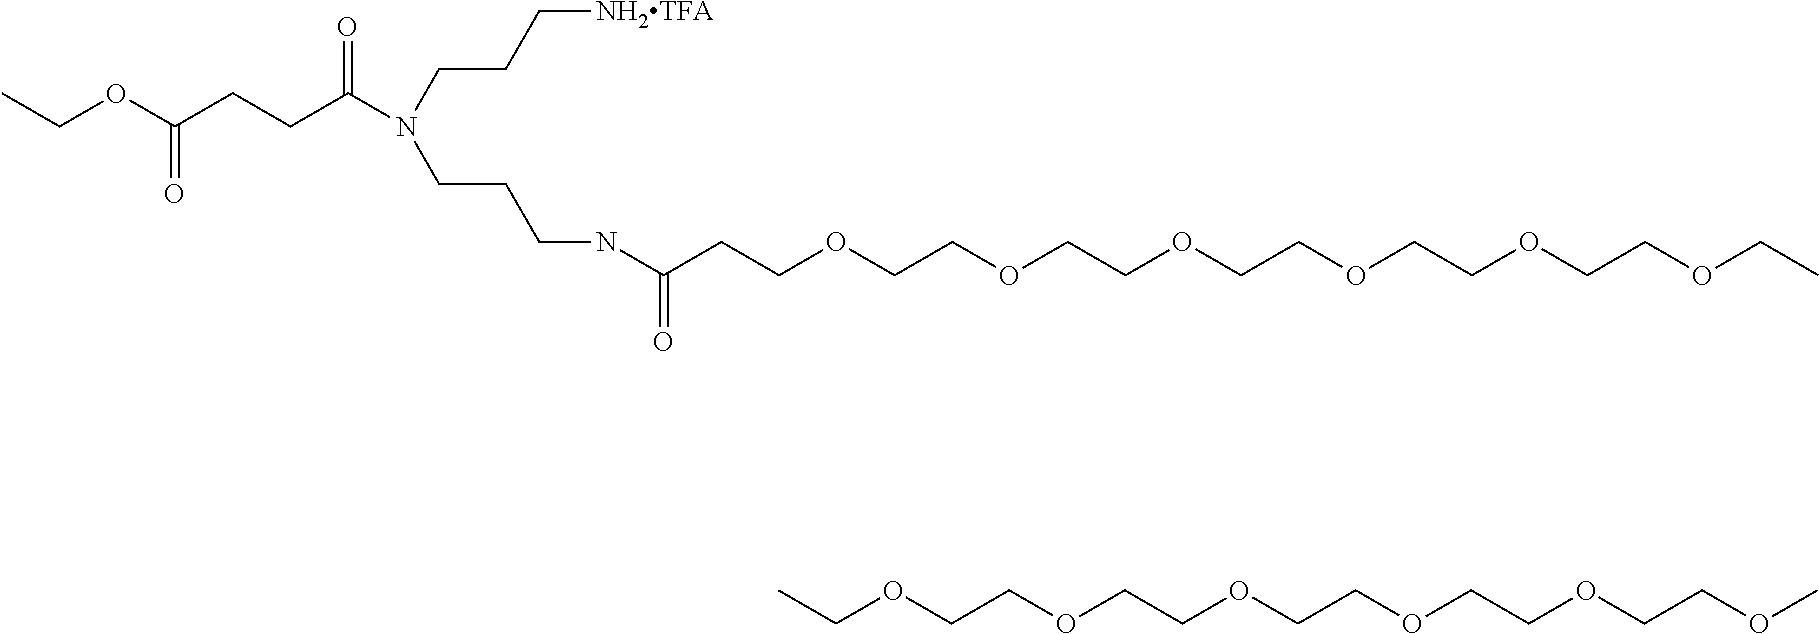 Figure US08586705-20131119-C00104